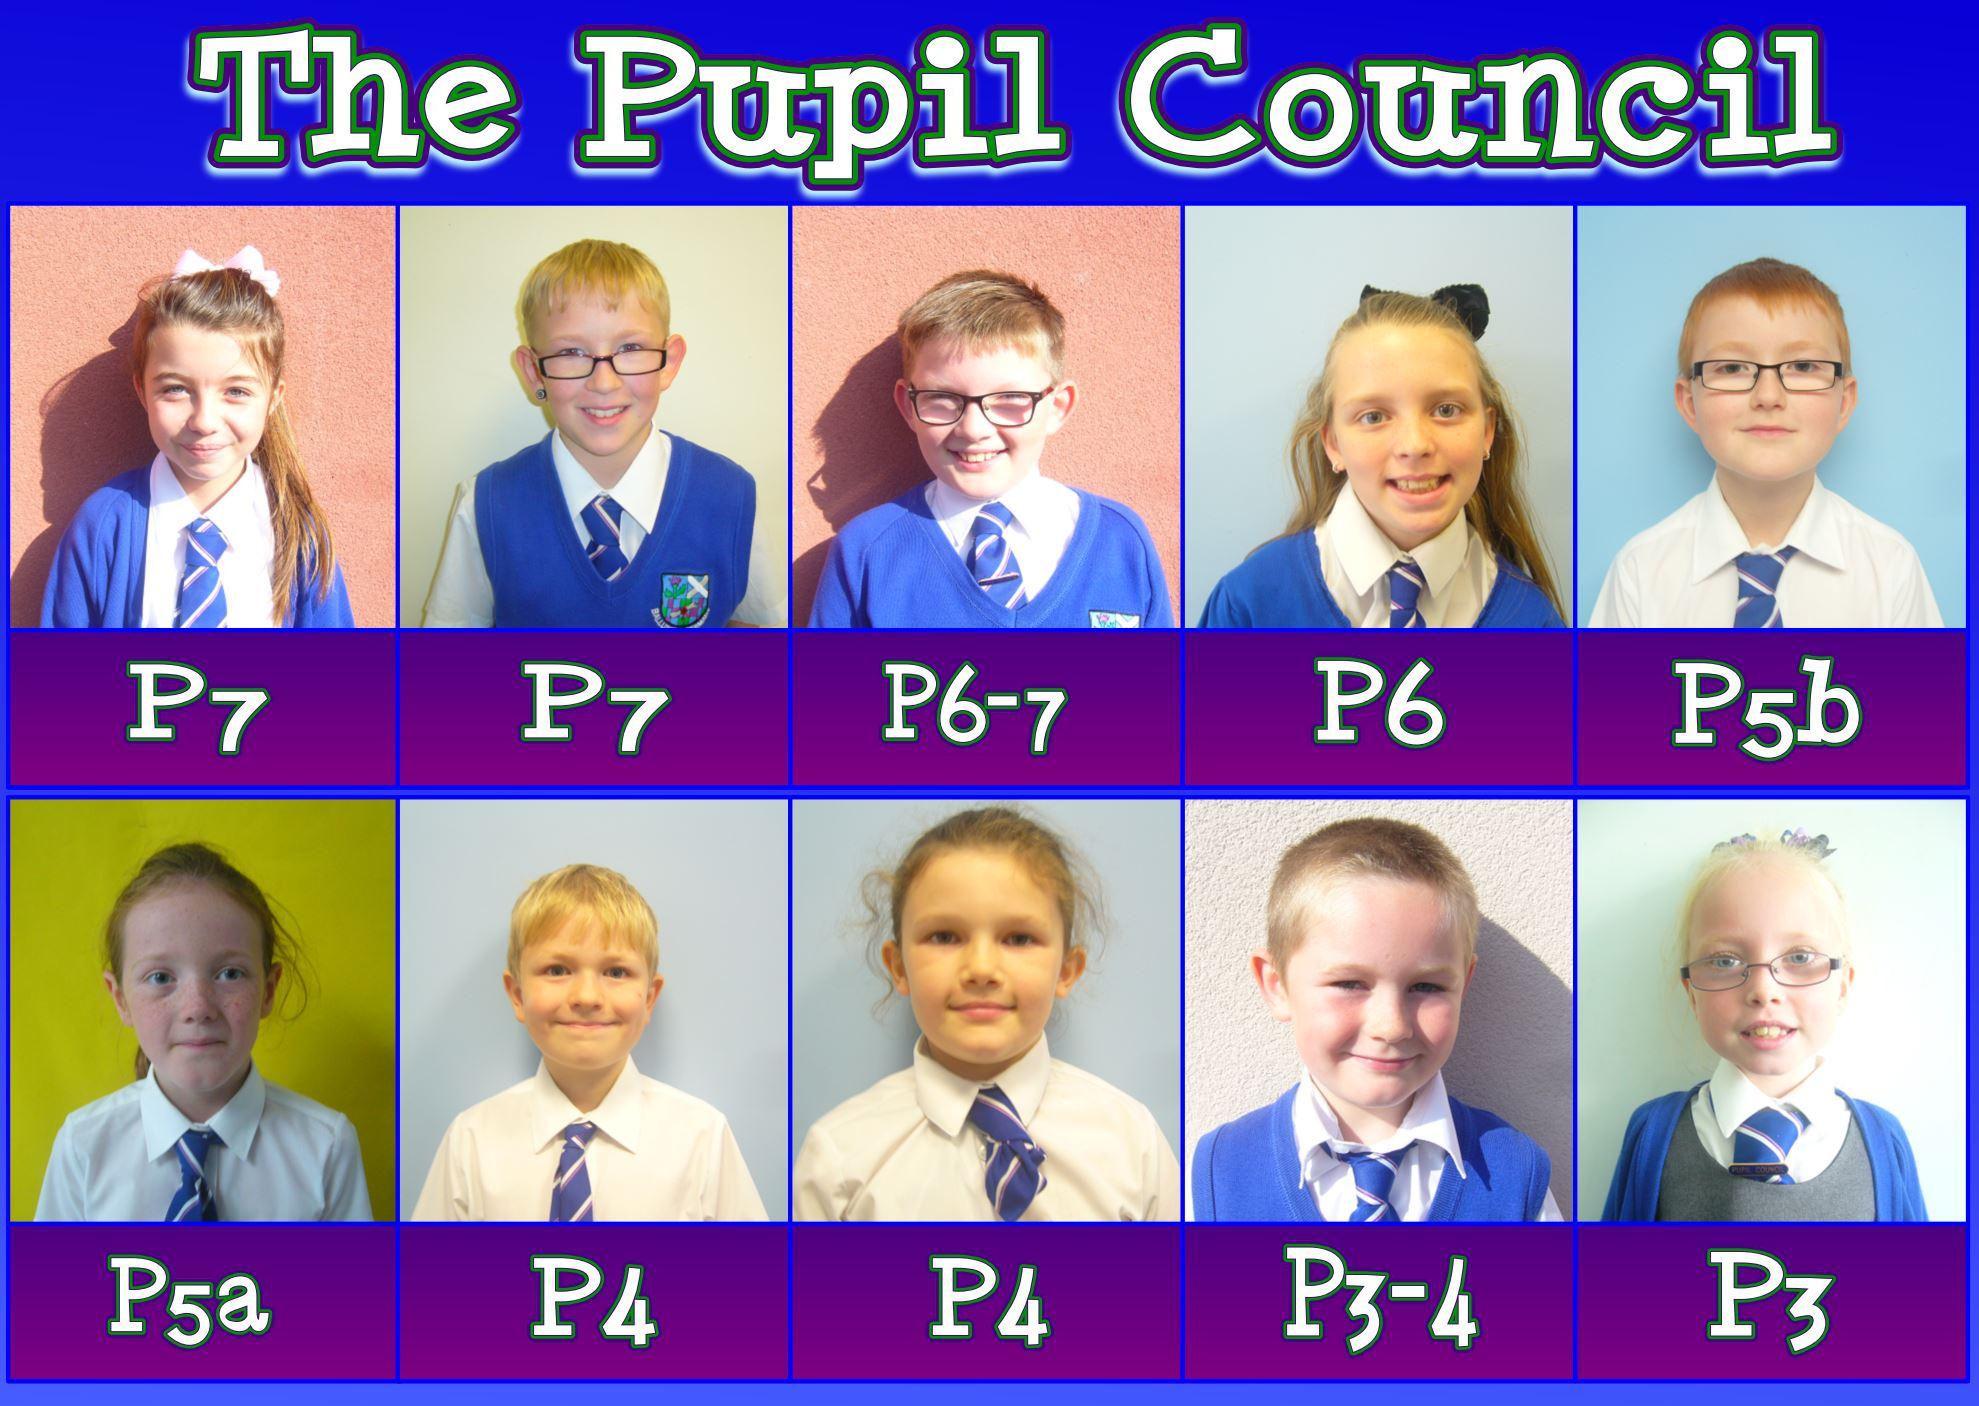 Pupil Council 2014-2015